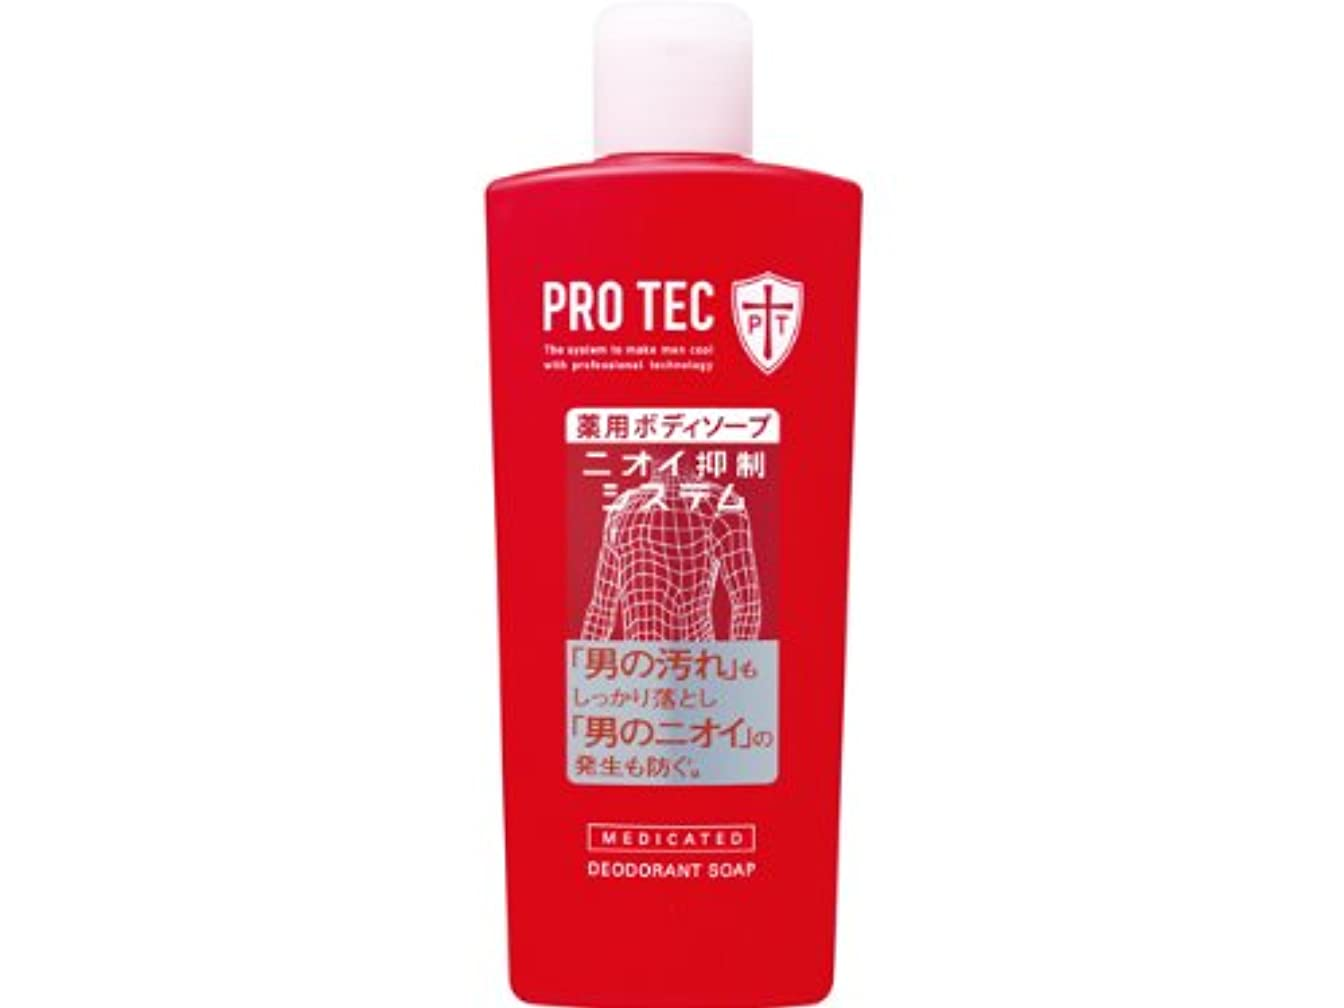 換気するオープニング店員PRO TEC(プロテク) デオドラントソープ 300ml